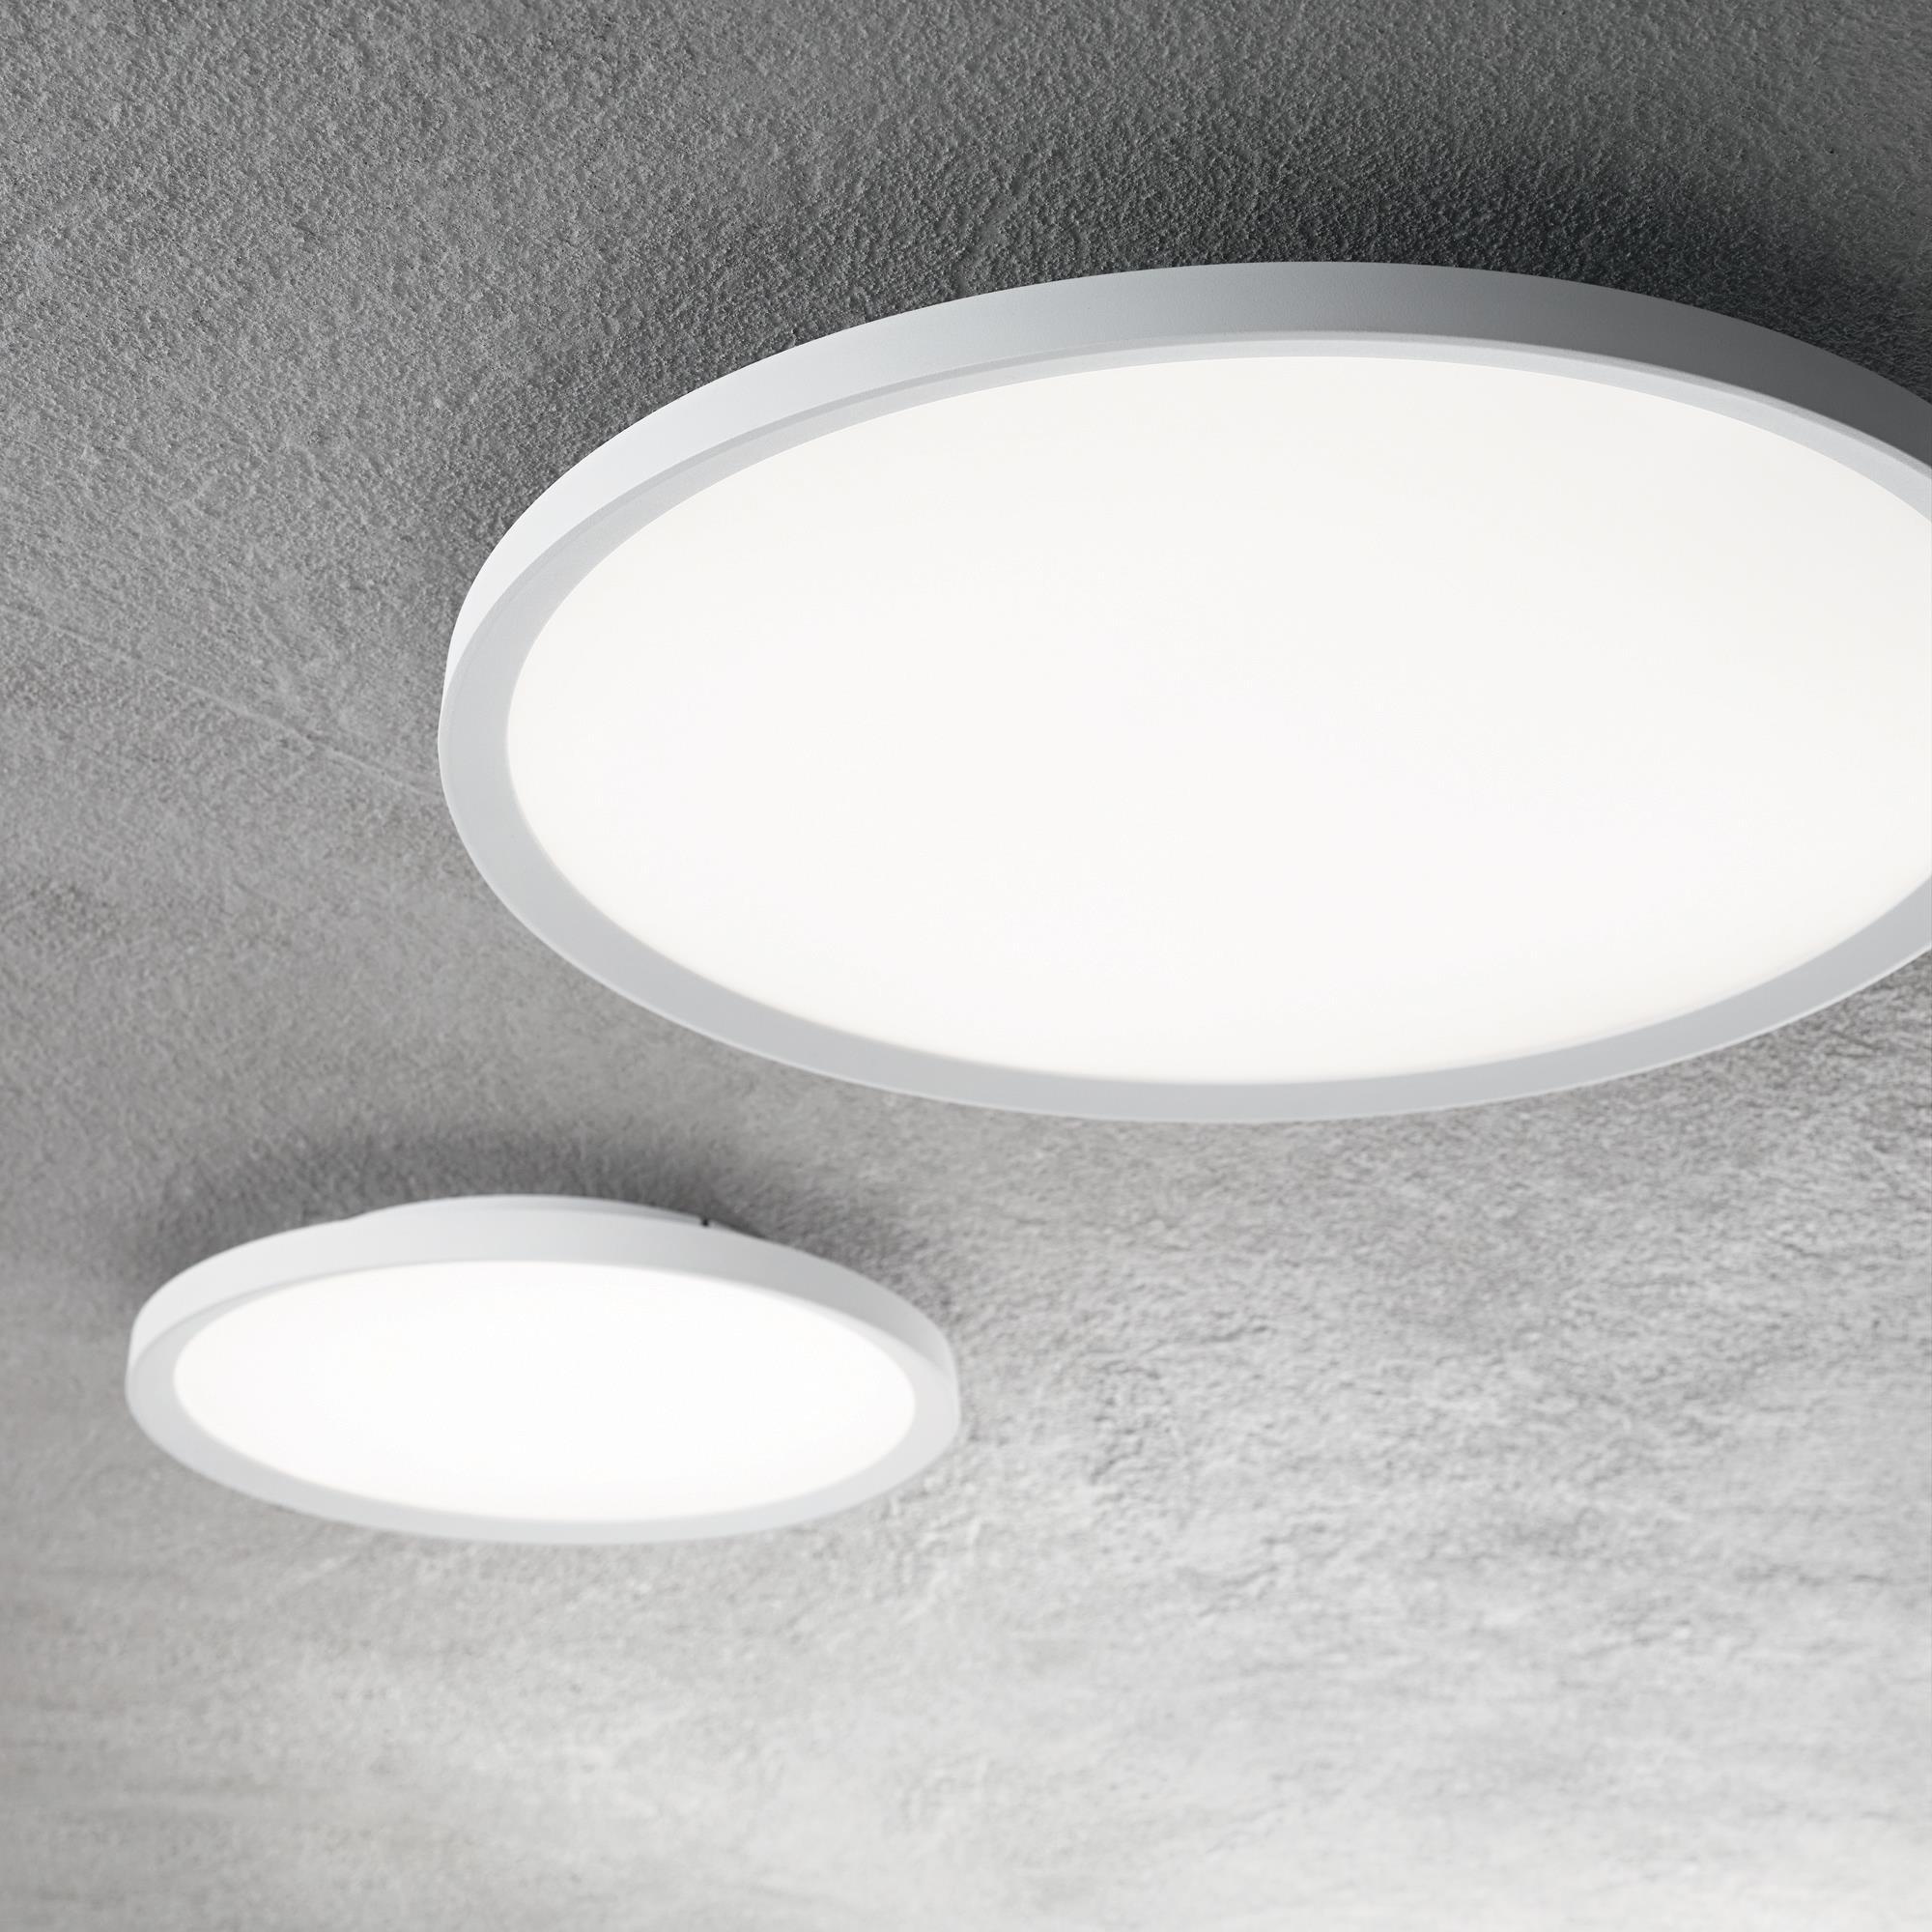 Ideal Lux 136998 UFO PL250 LED mennyezeti lámpa